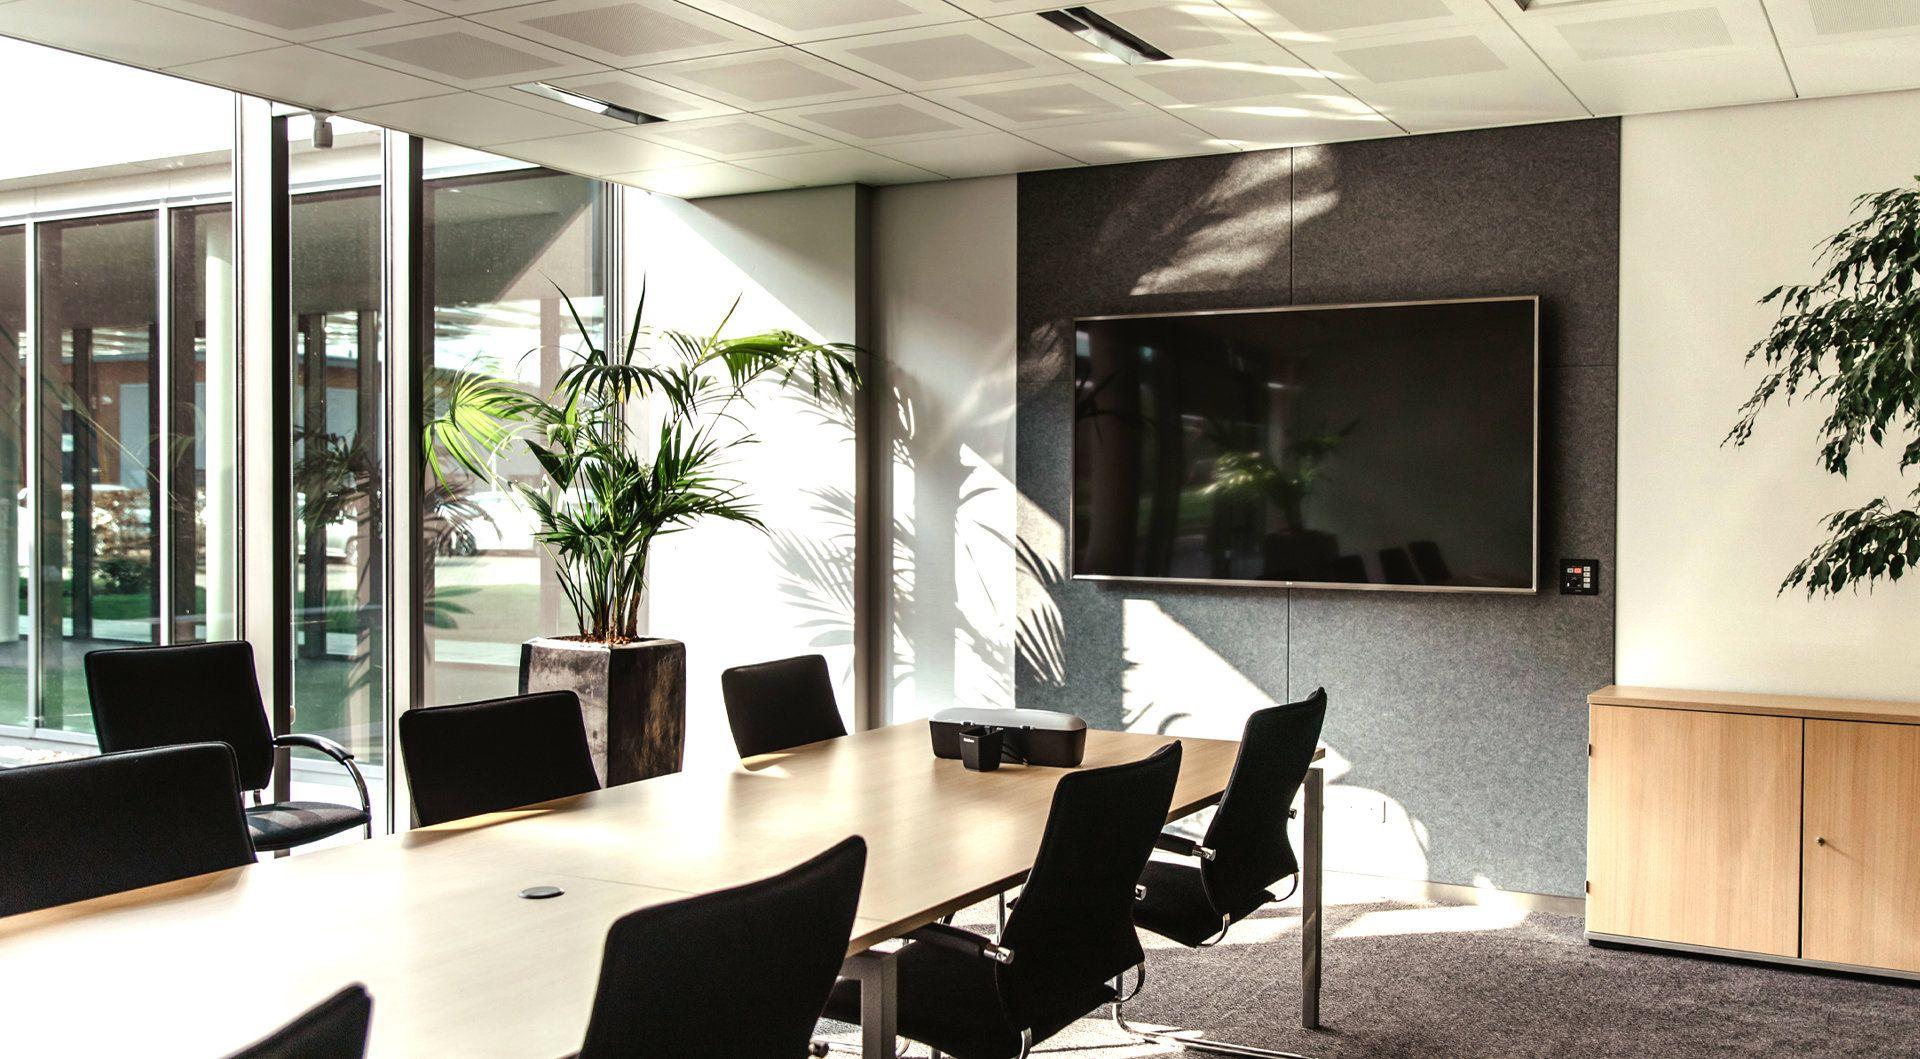 """Projecta Compact RF Electrol 117x200 Matte White S projectiescherm 2,34 m (92"""") 16:9 - Case studie de vries"""